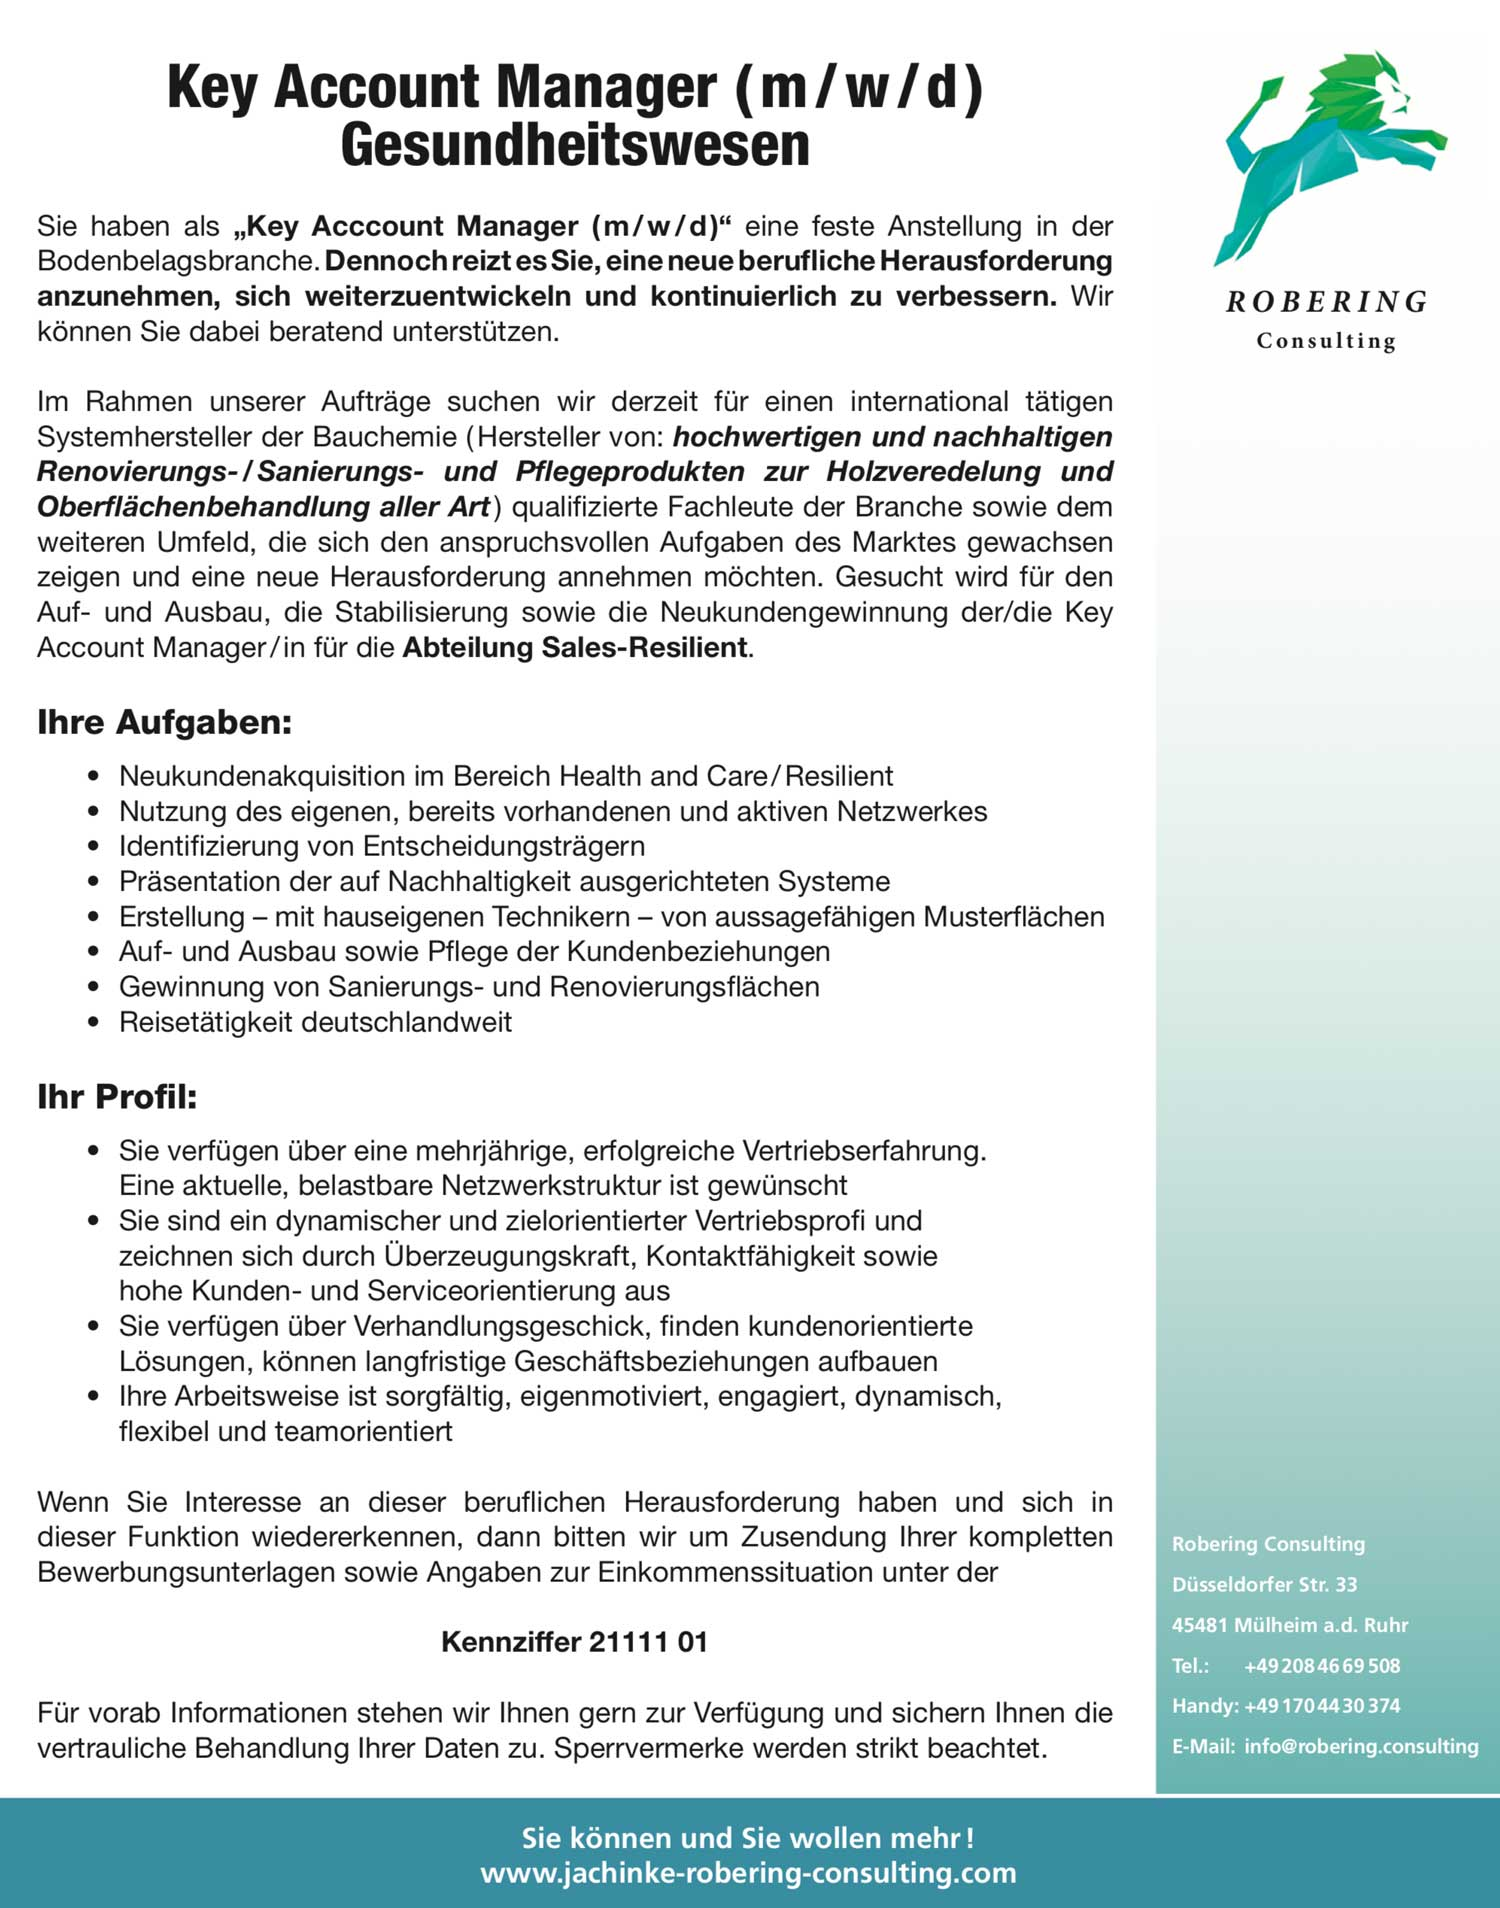 Key Account Manager (m/w/d) Gesundheitswesen für Bauchemie